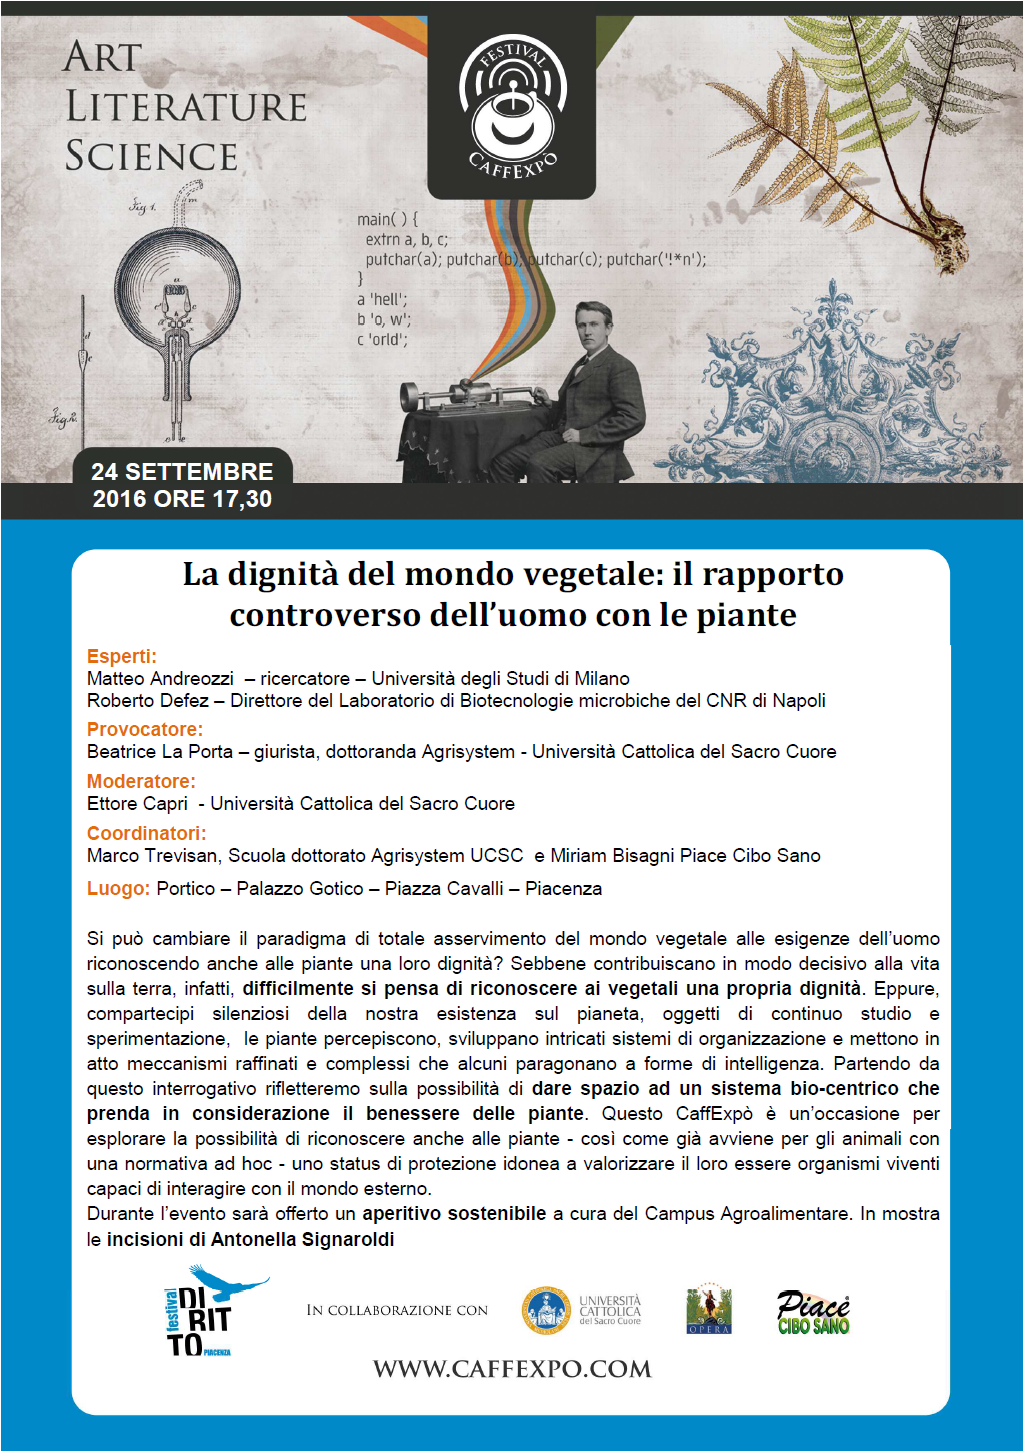 caffexpo 24 settembre 2016 Festival del Diritto Piacenza